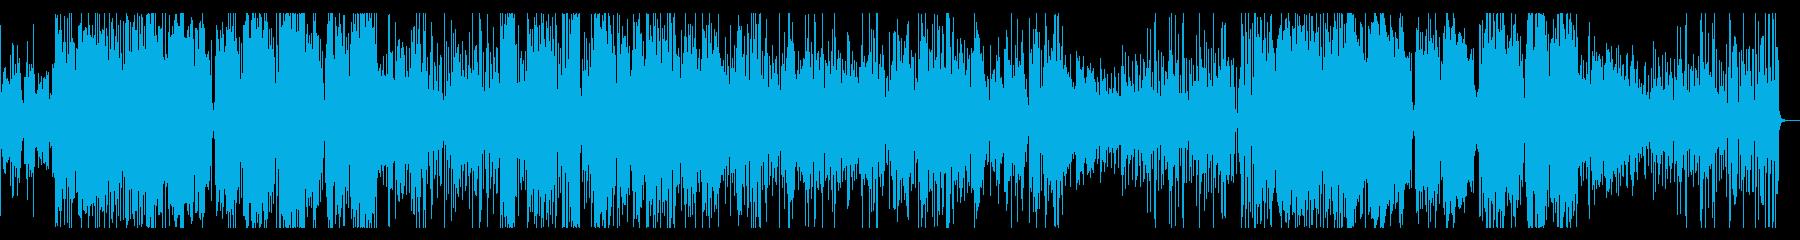 ジャズ 四重奏の再生済みの波形